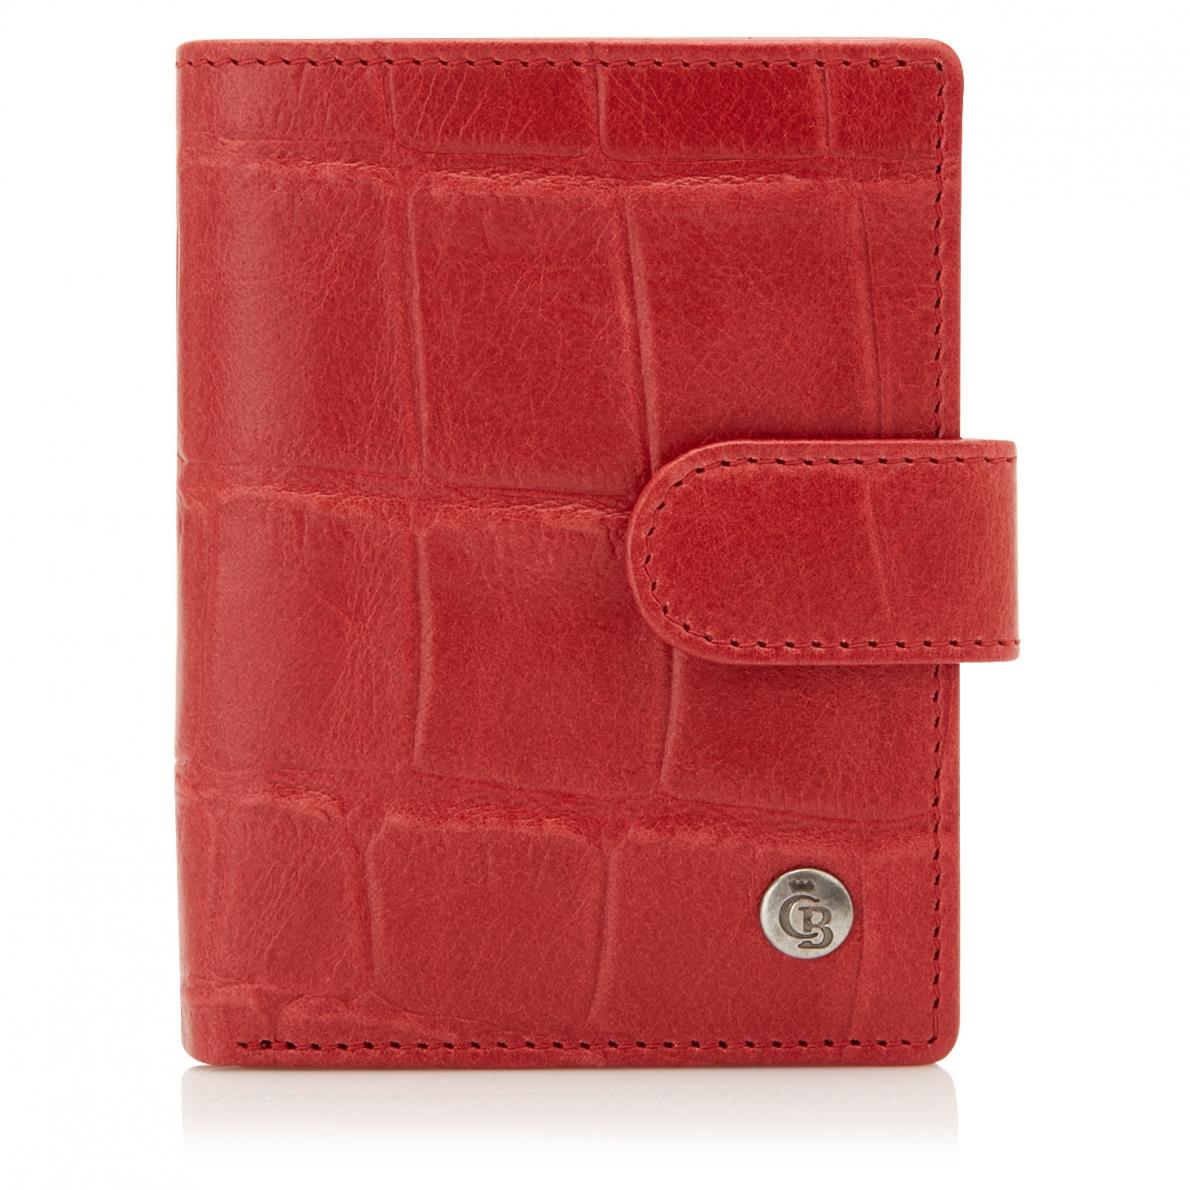 9abb251c9a8 Portemonnees | pasjes portemonnees en andere accessoires | i